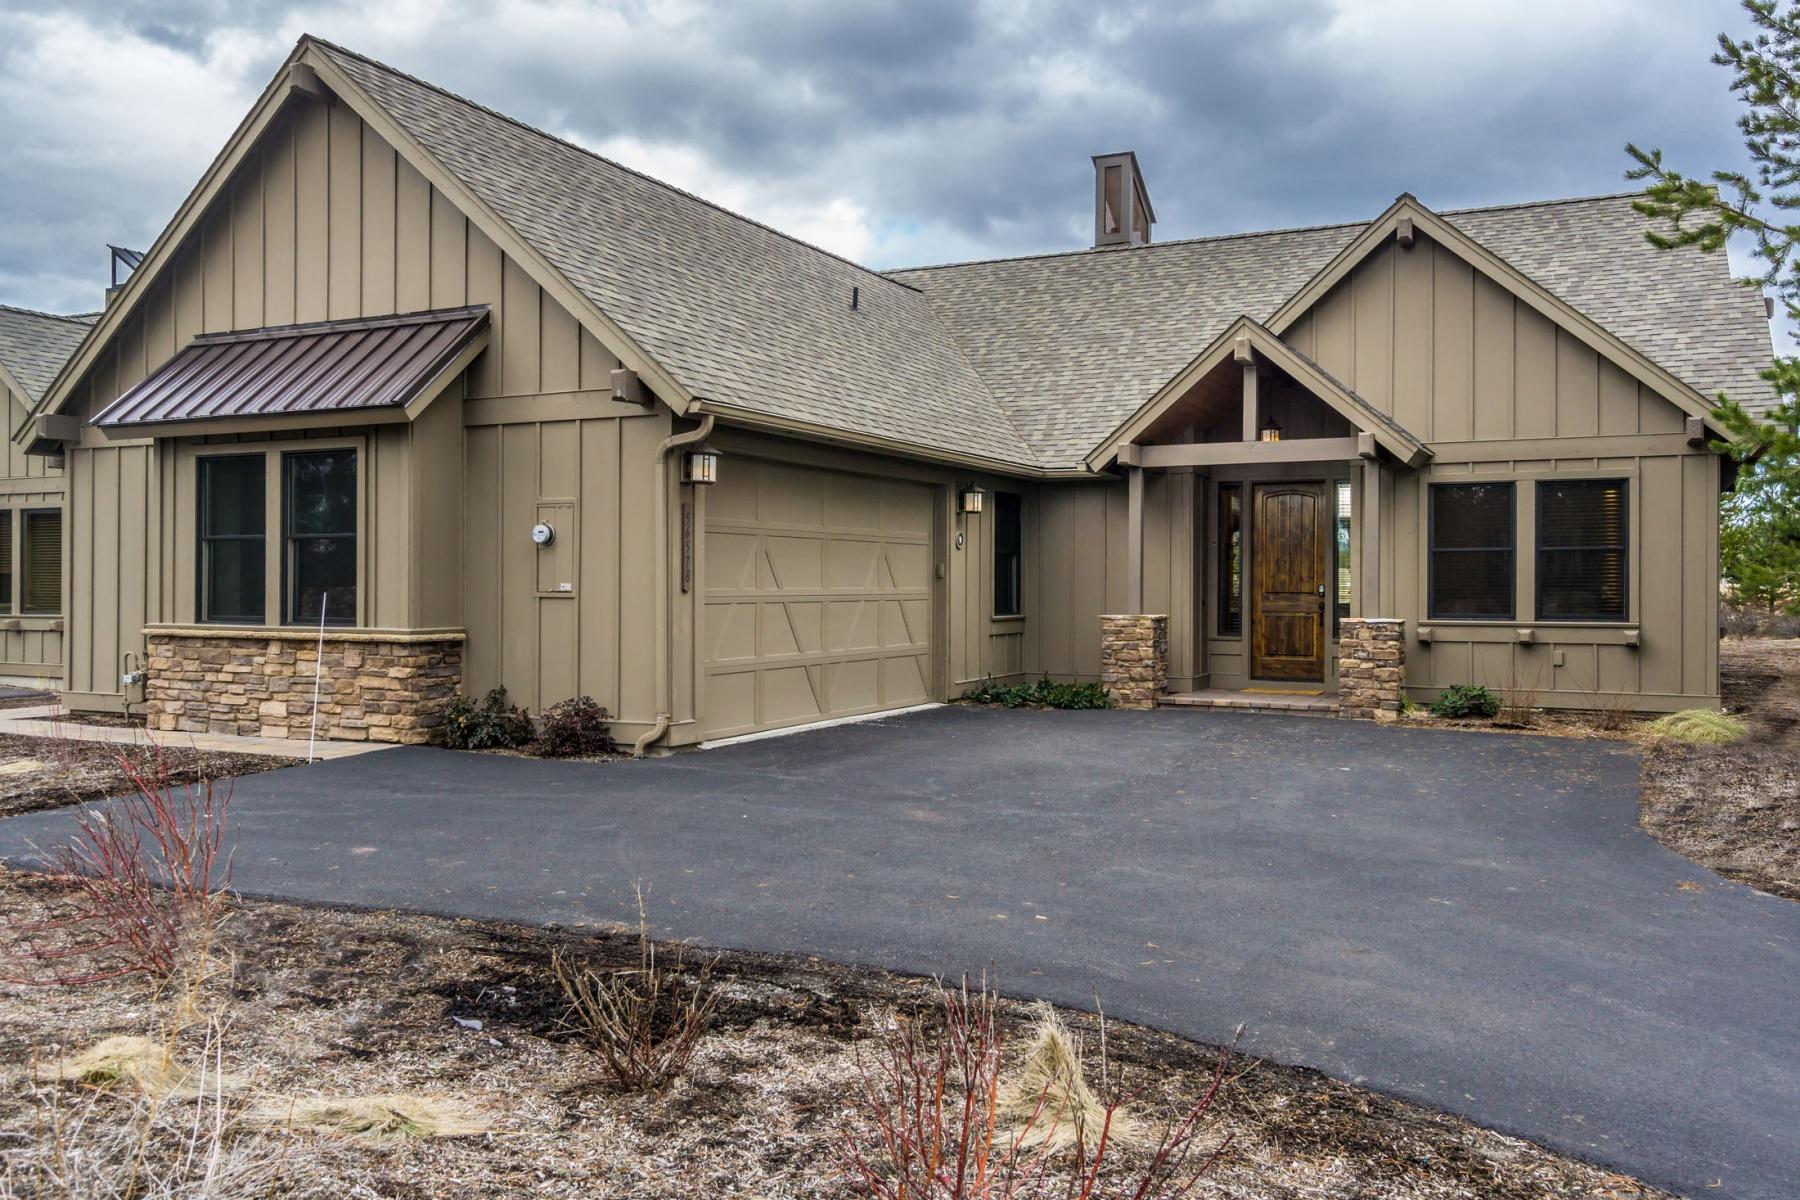 独户住宅 为 销售 在 9 Caldera Cabin, BEND 本德, 俄勒冈州, 00000 美国